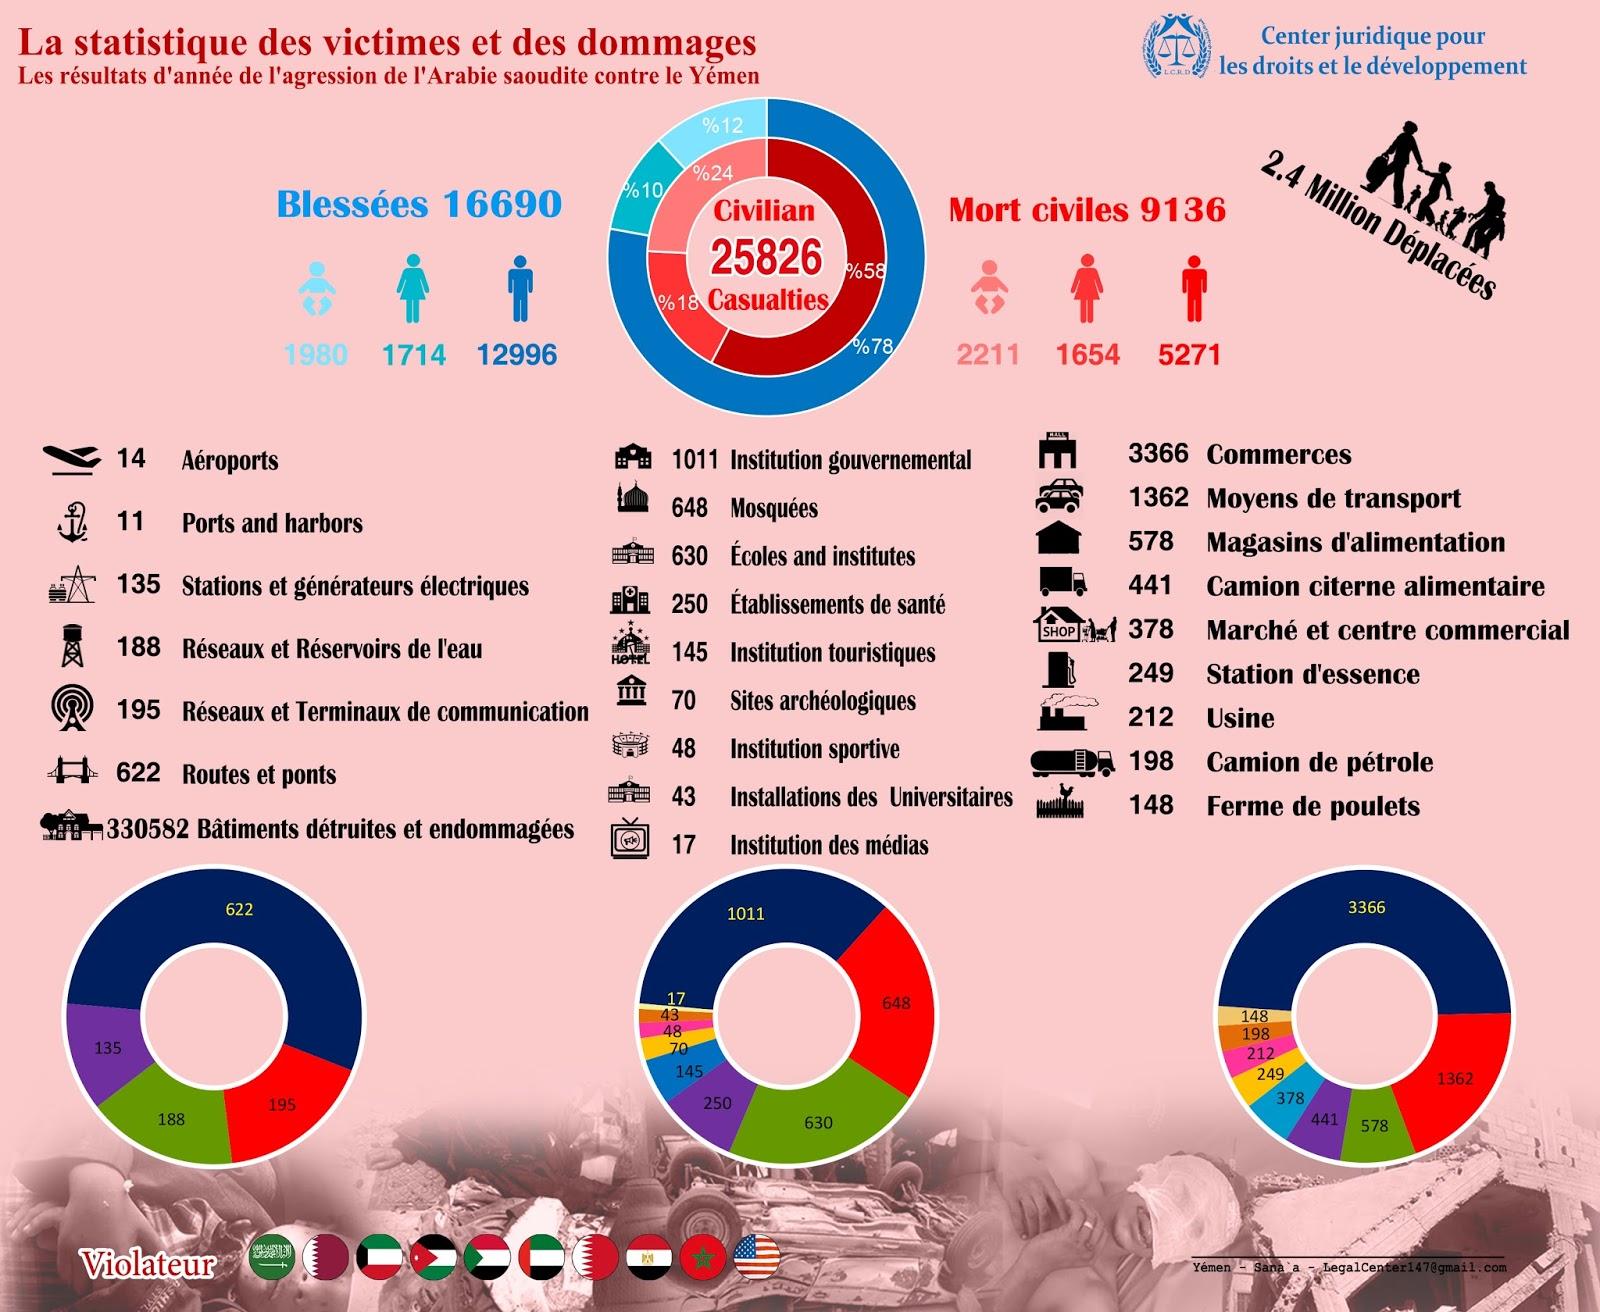 إحصائية عام من العدوان السعودي باللغة الفرنسية